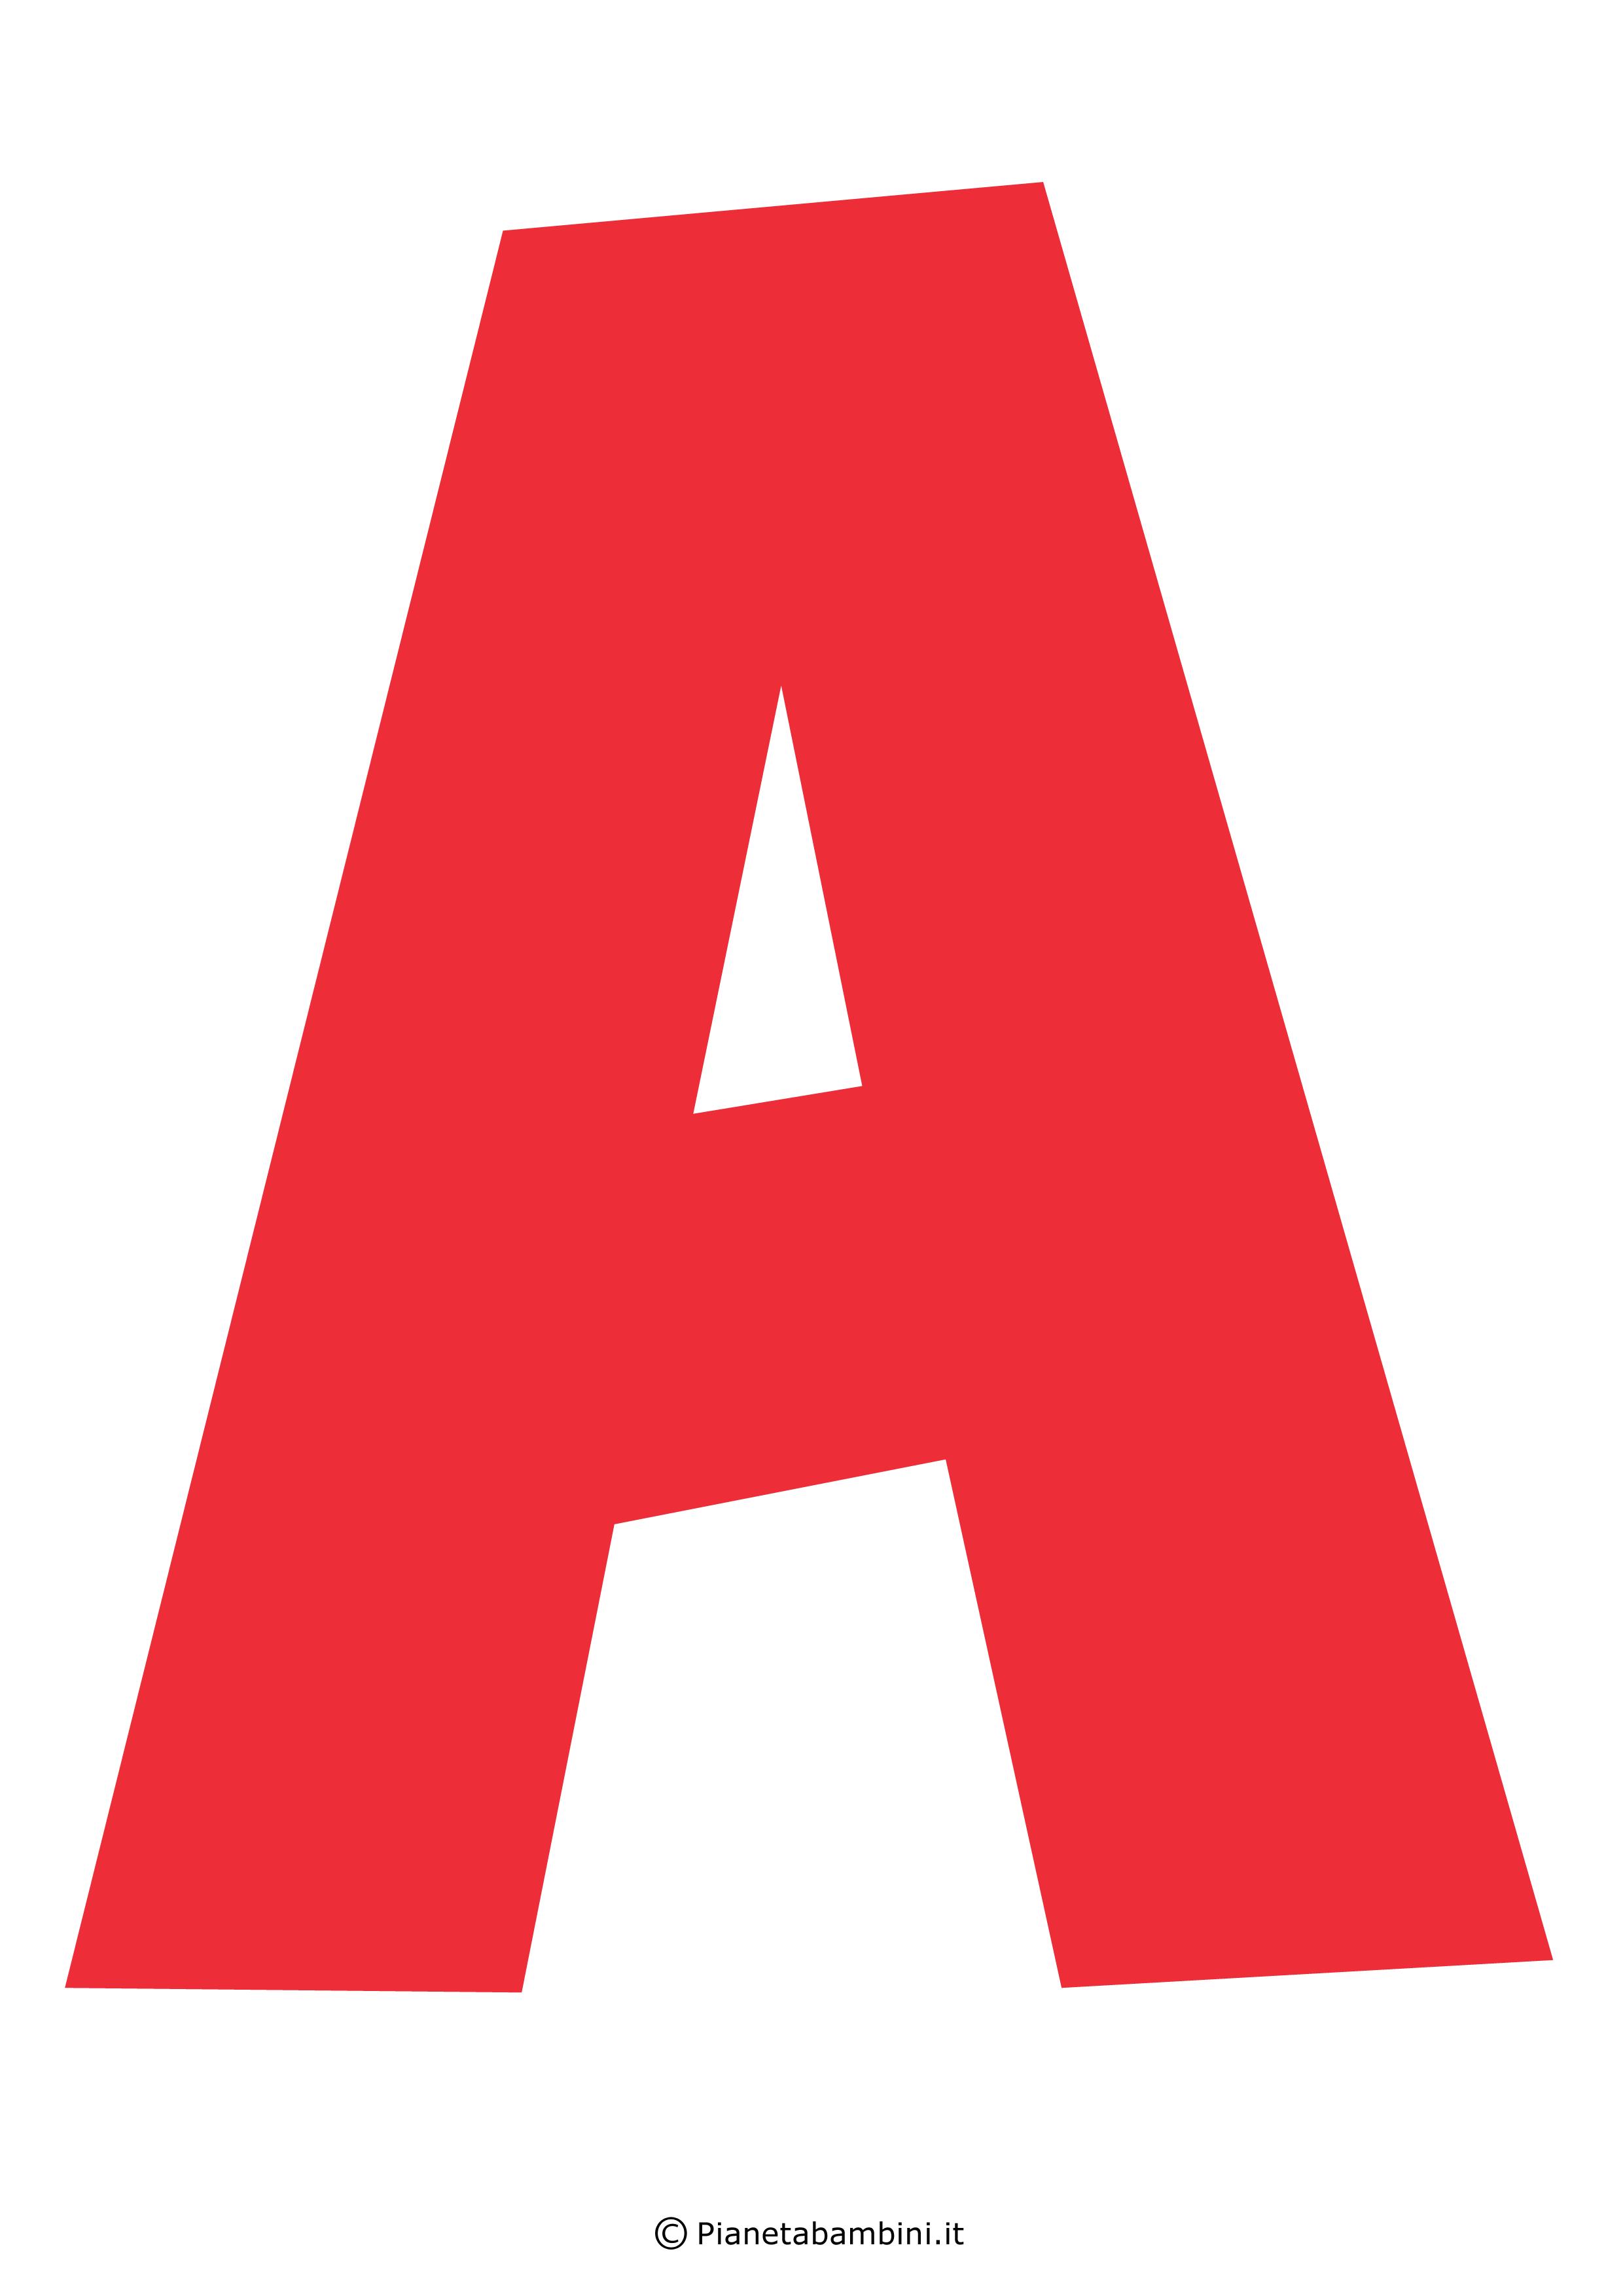 Lettere Alfabeto Da Copiare lettere dell'alfabeto colorate e grandi da stampare